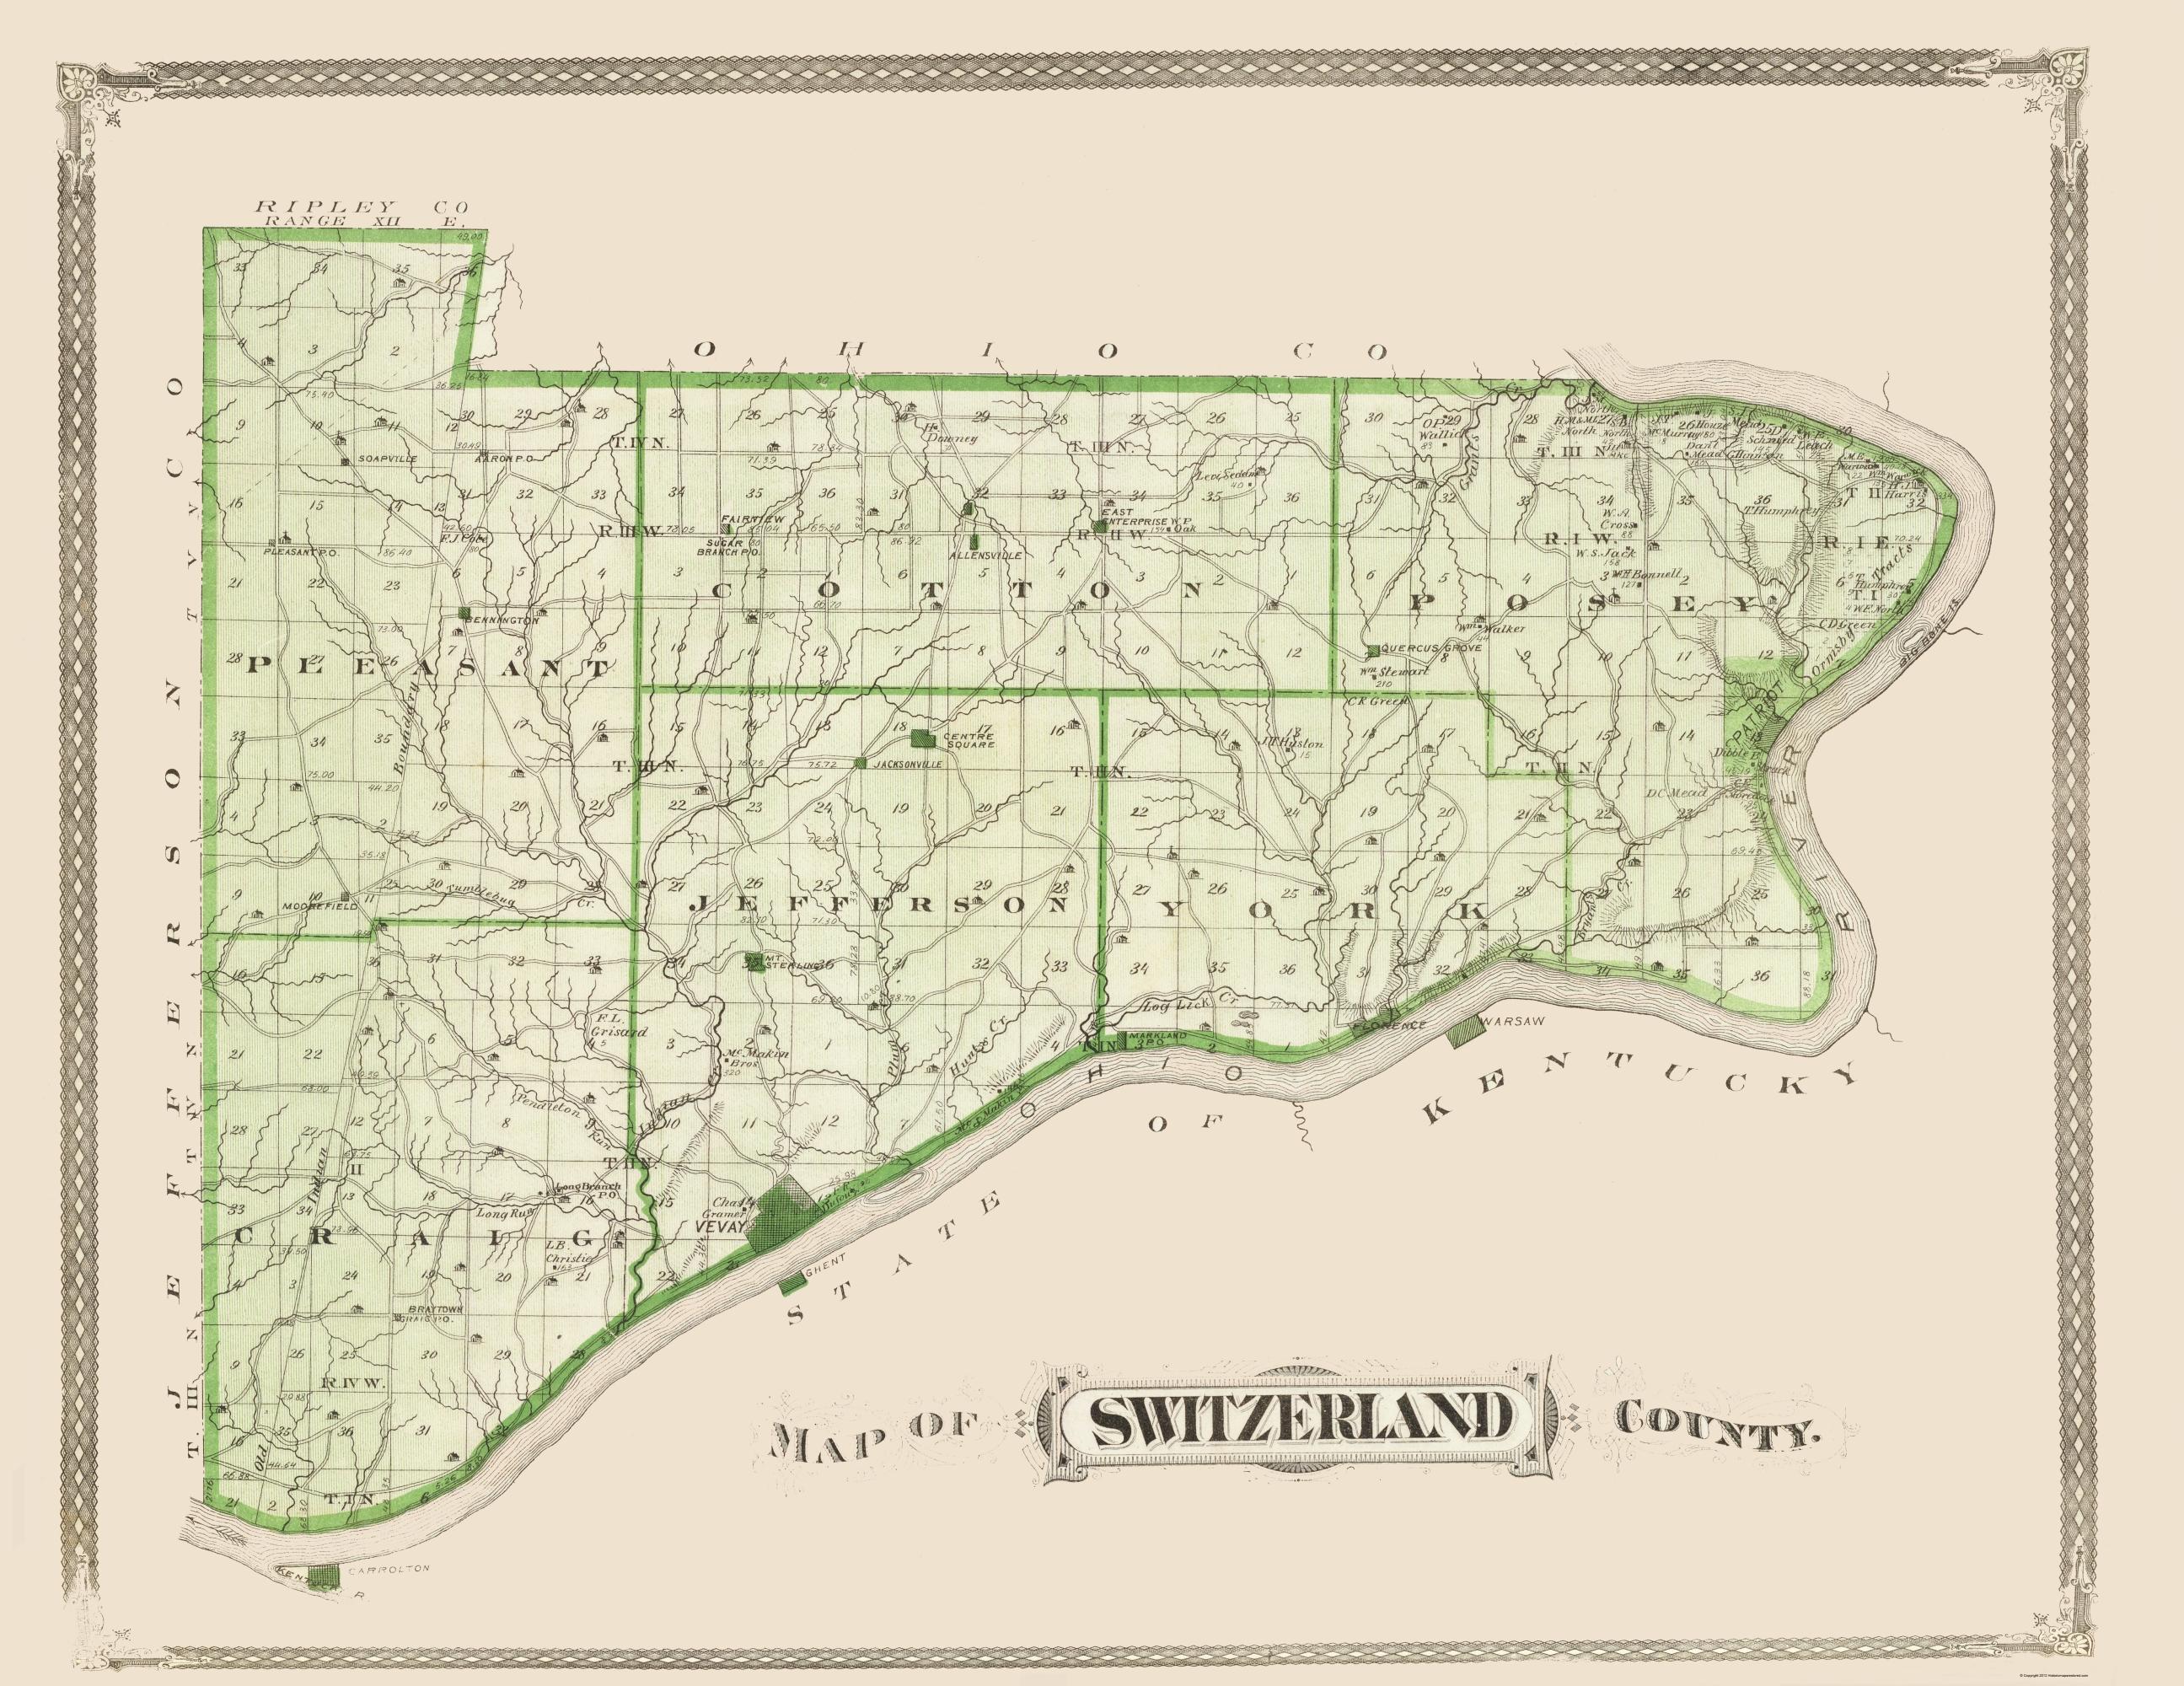 switzerland county indiana map Old County Map Switzerland Indiana Chicago Litho 1876